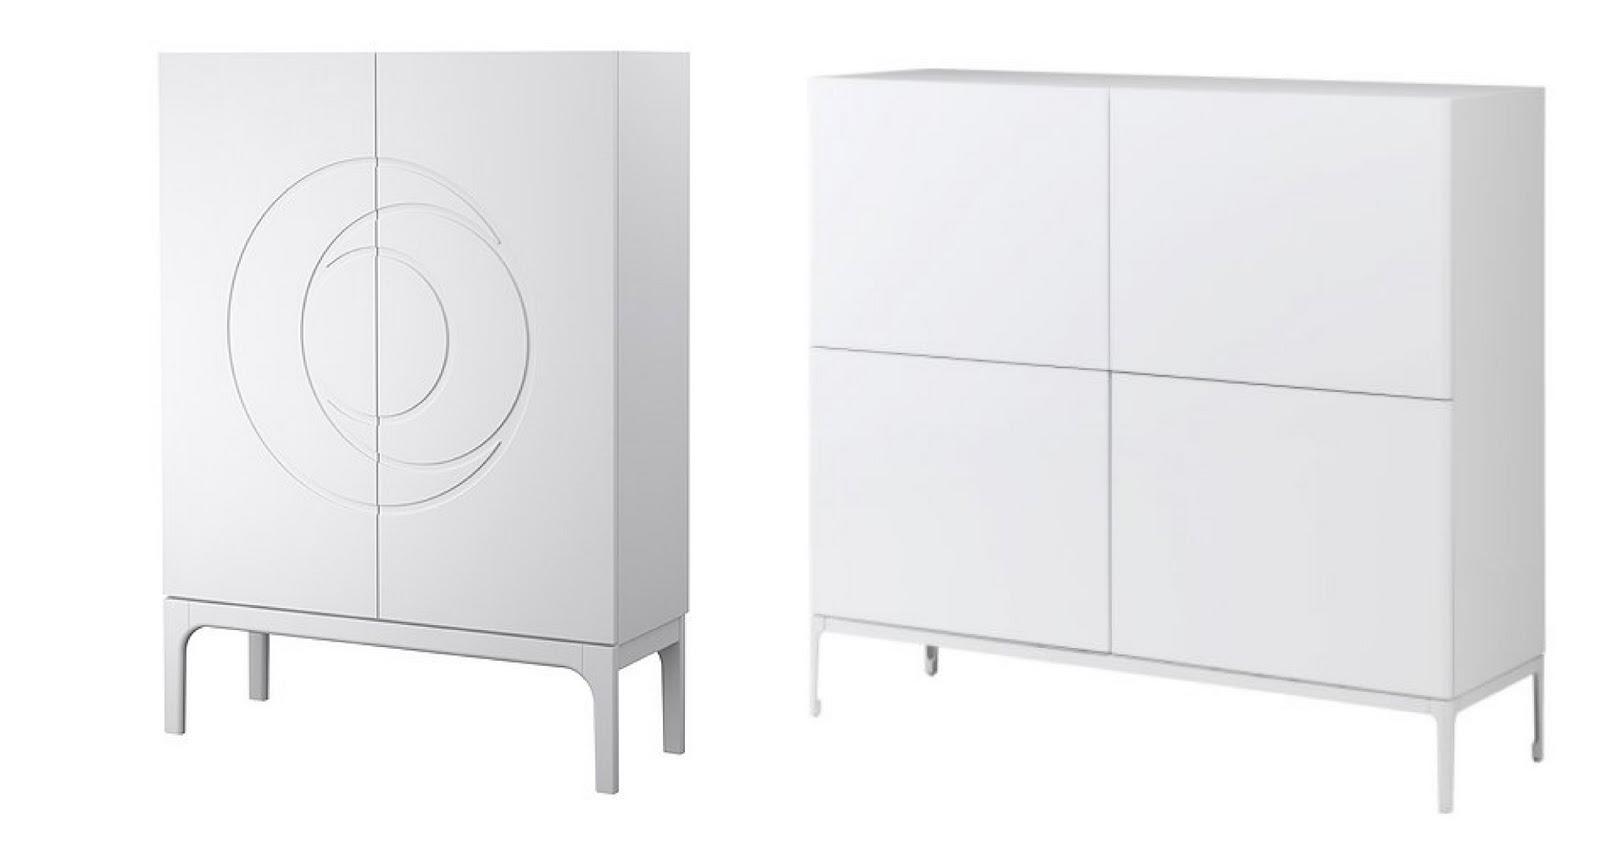 Casas cocinas mueble ikea aparadores for Muebles blancos ikea